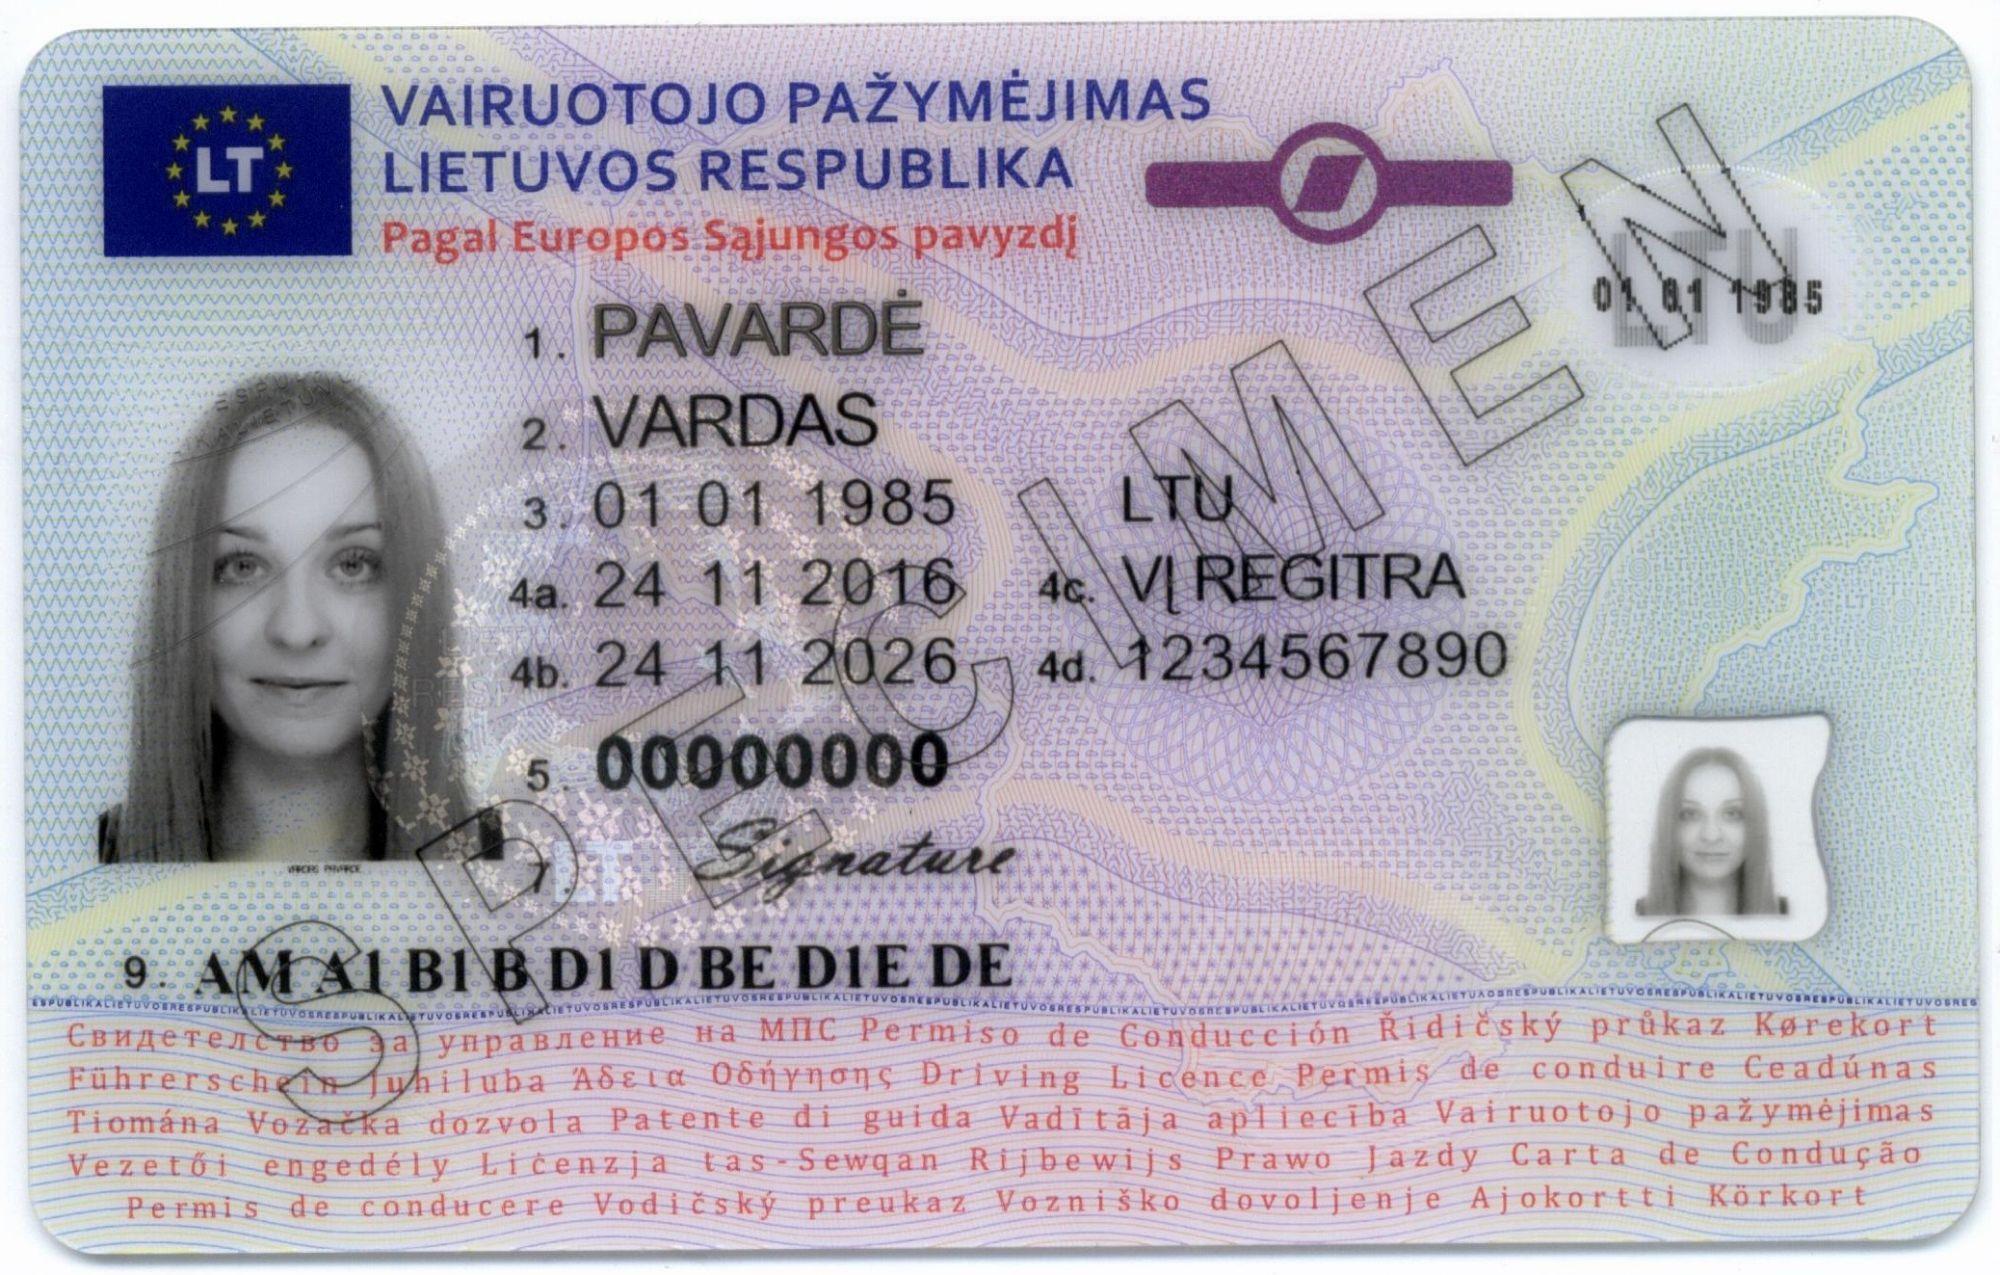 Vairuotojo pažymėjimo kodai